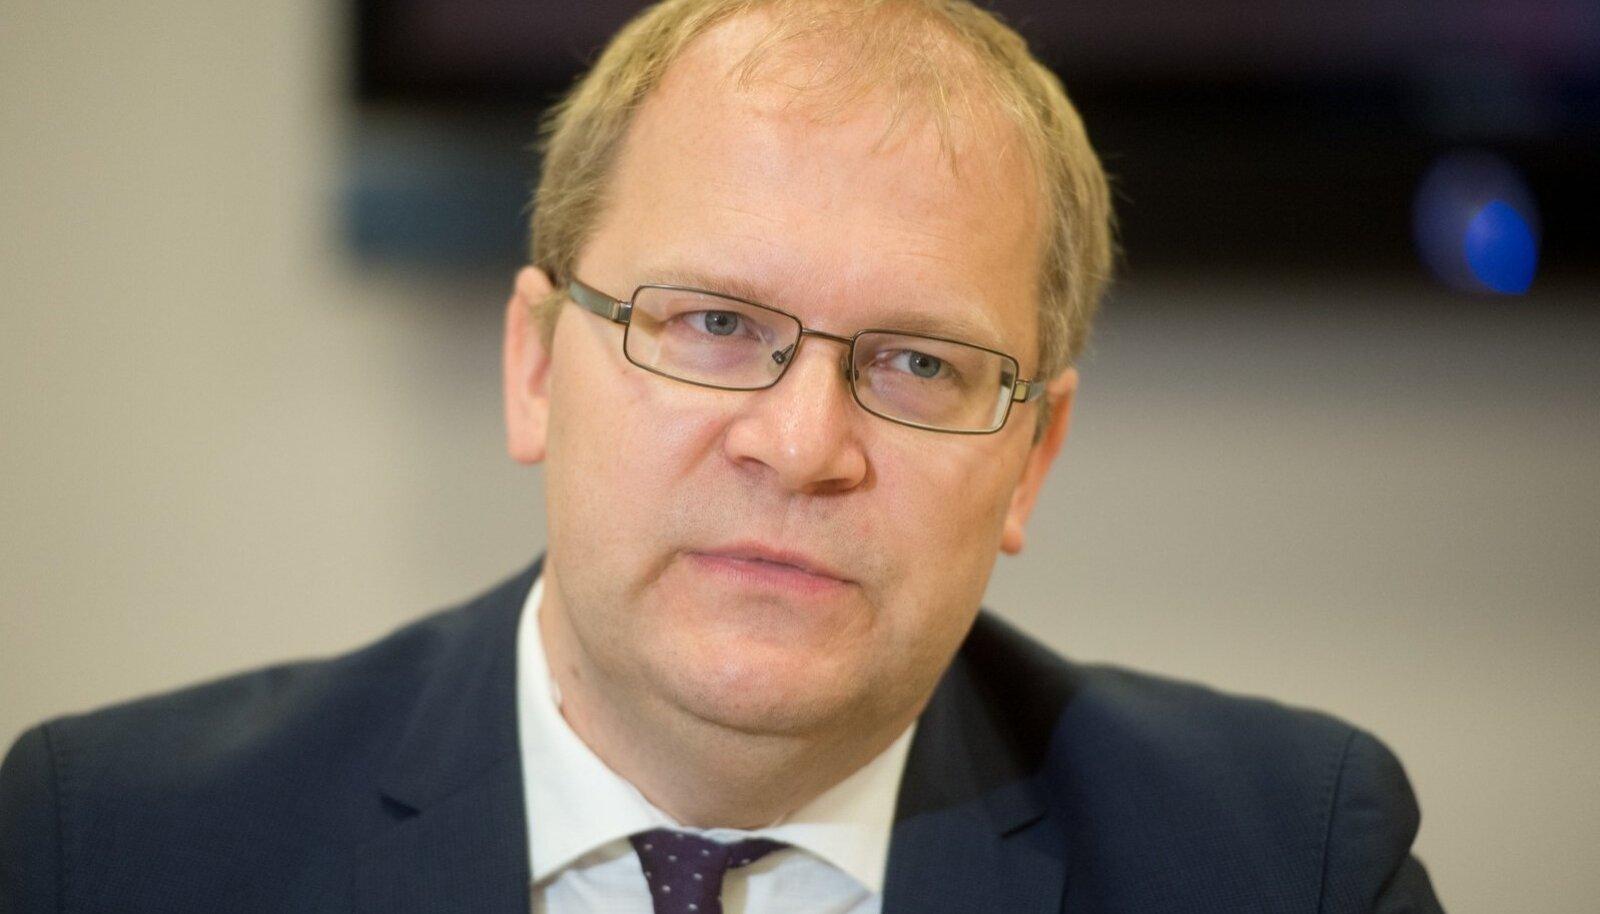 Kui Urmas Paetist saaks taas välisminister ja tema ministrikarjäär mingil põhjusel jälle katkeks, poleks tal võimalik enam pääseda ei europarlamenti ega riigikokku.